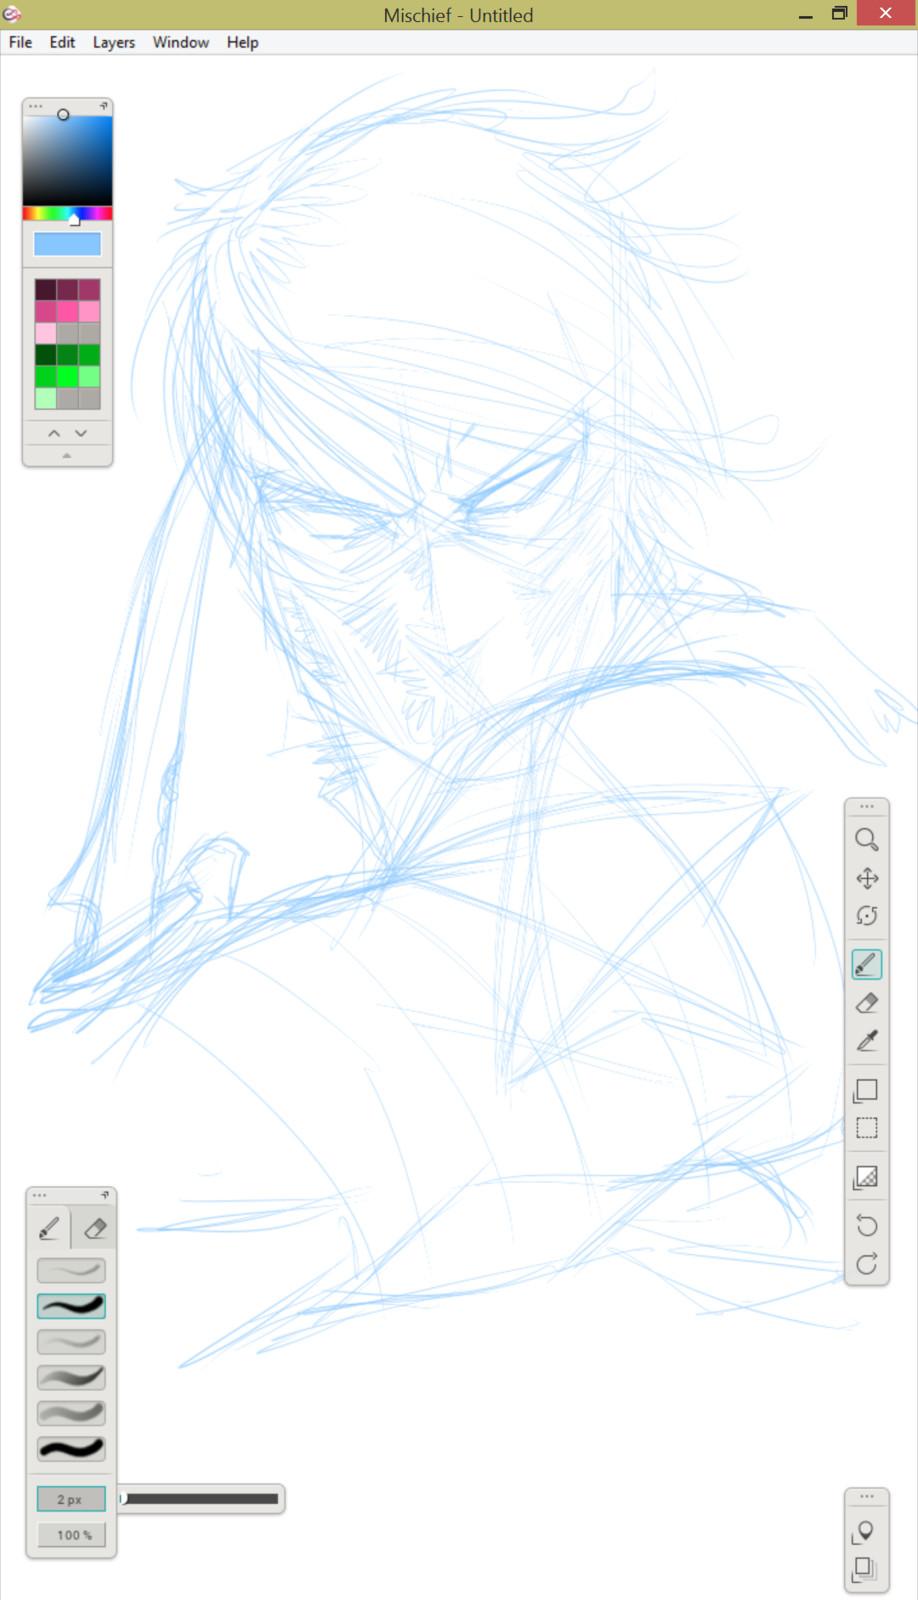 01 - Concept Sketch